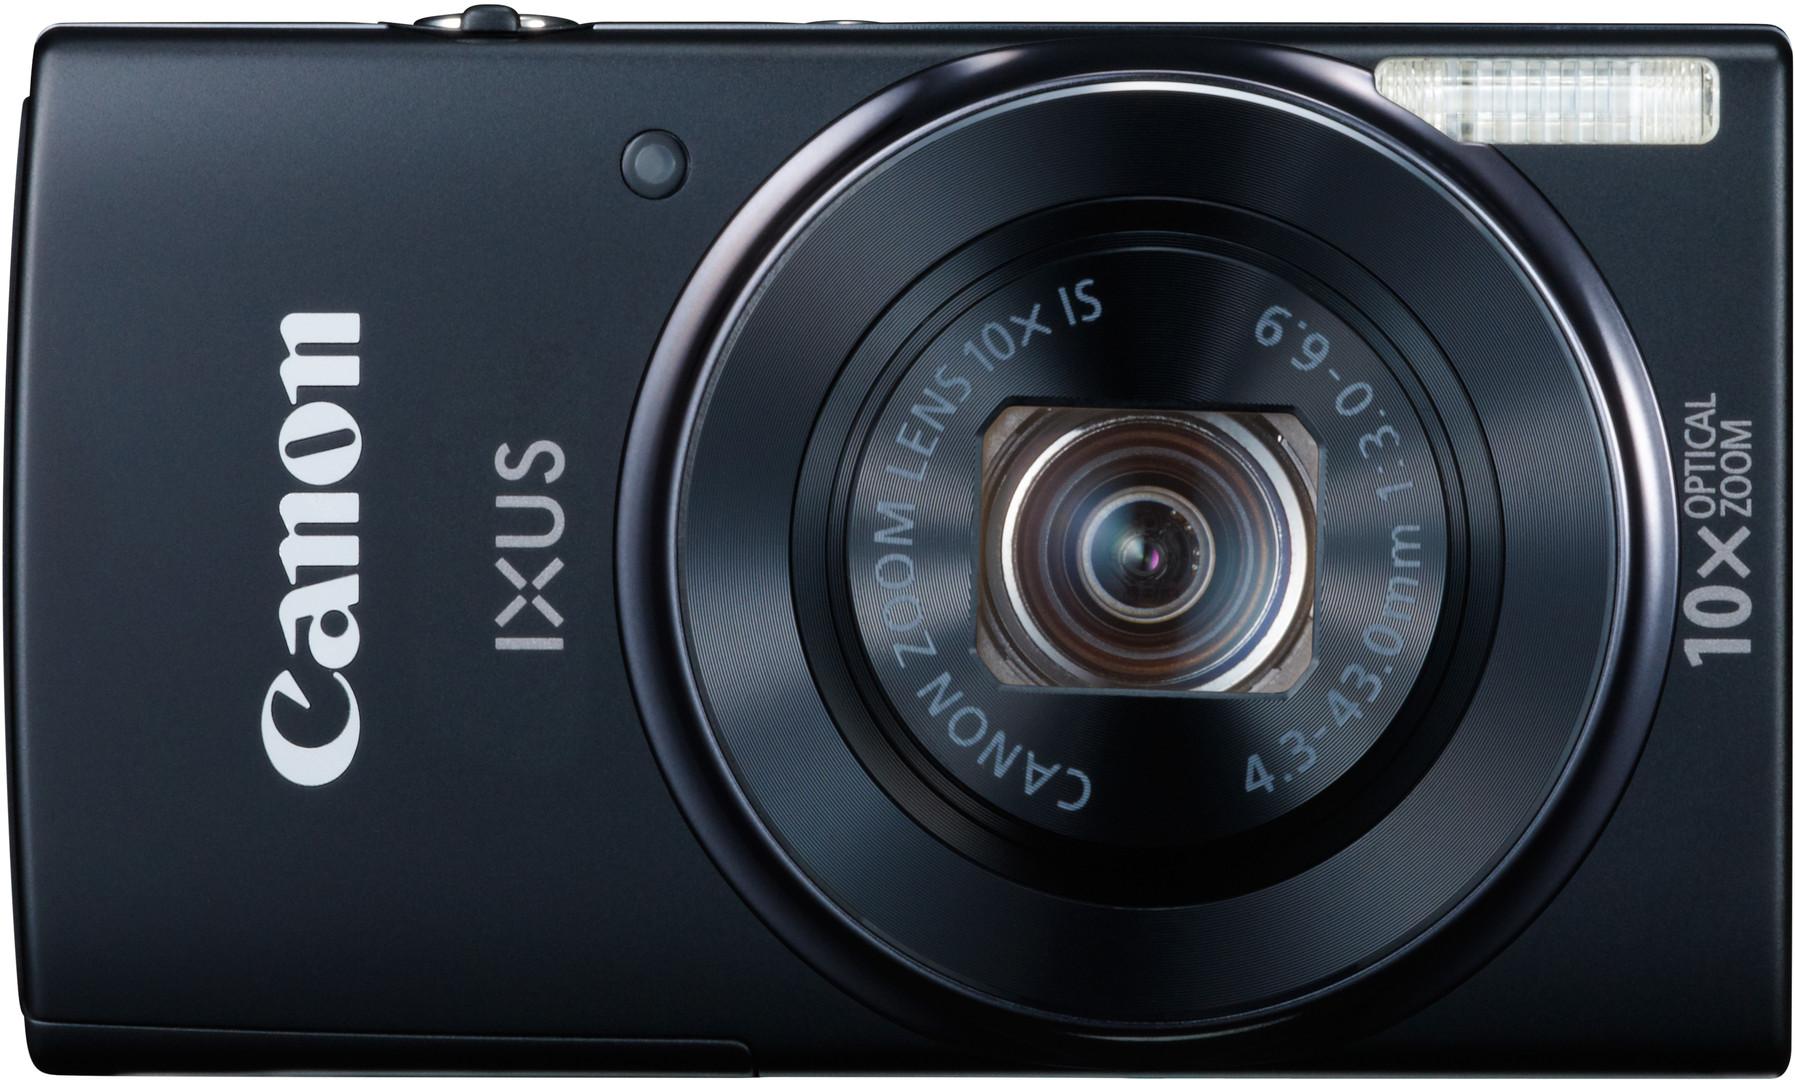 Canon IXUS 155 HS thuộc dòng máy ảnh giá rẻ chất lượng cao